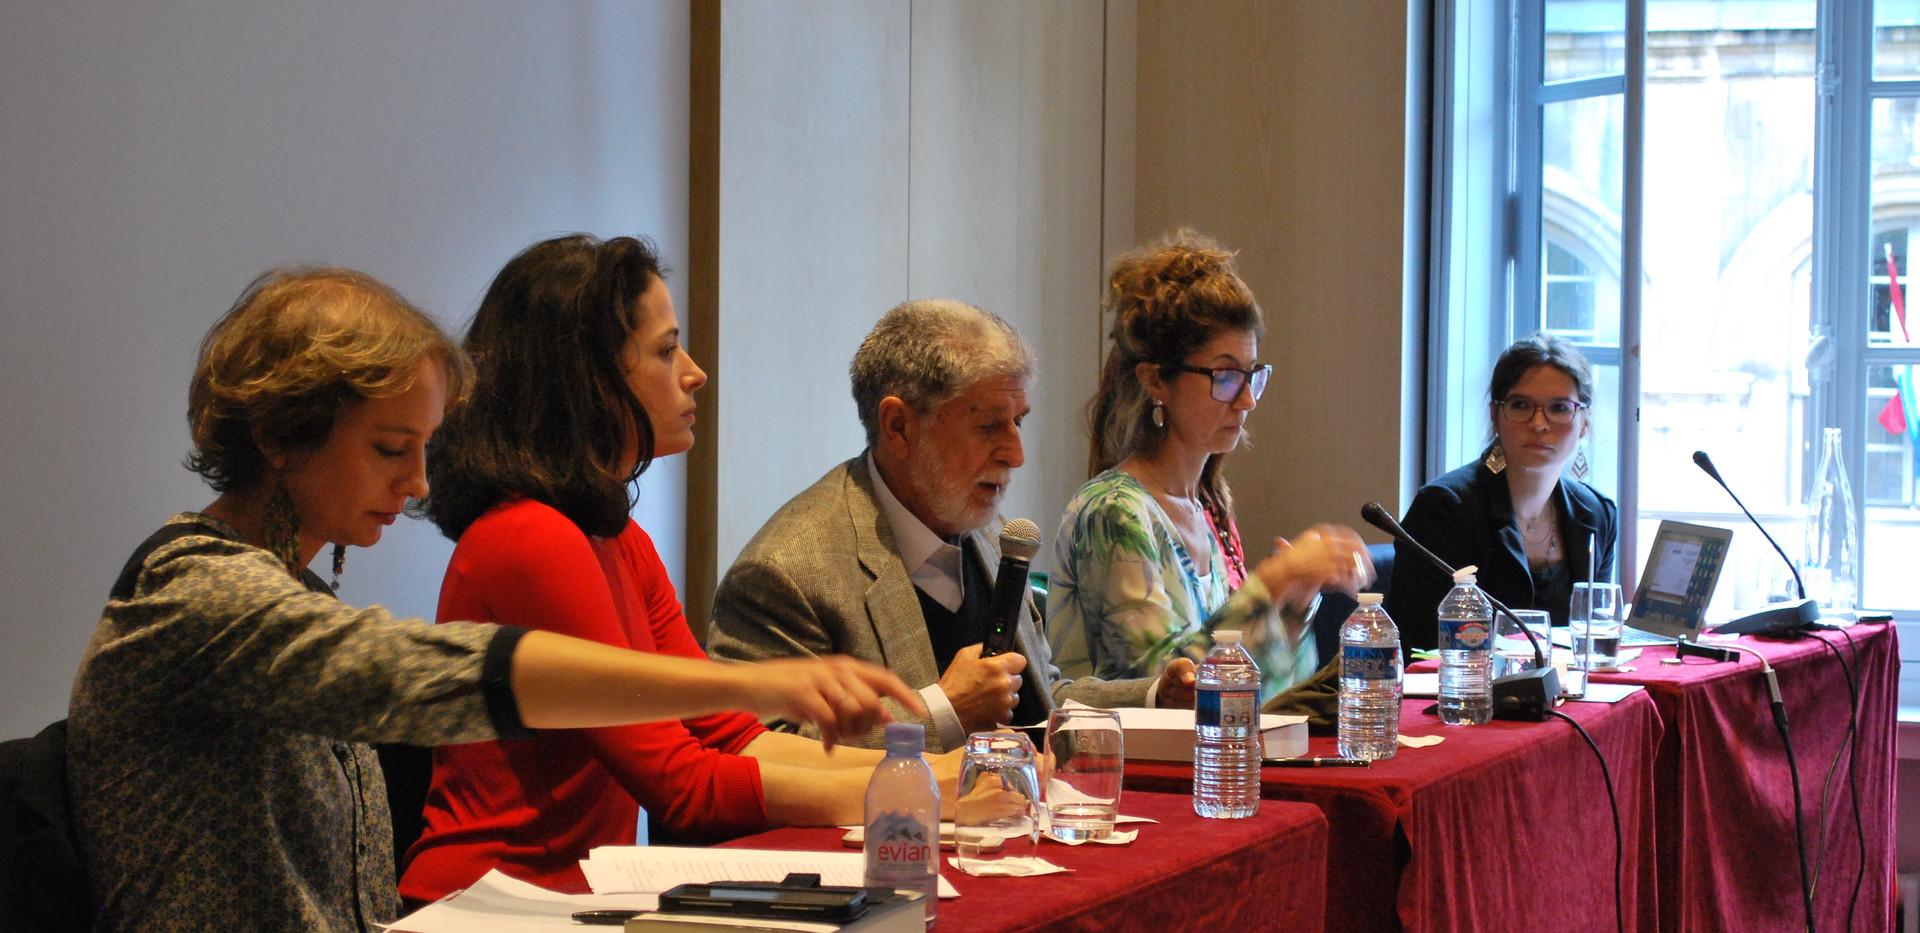 Juliette Dumont, Anaïs Fléchet, Celso Amorim, Jânia Saldanha, Susana Bleil et Maud Chirio